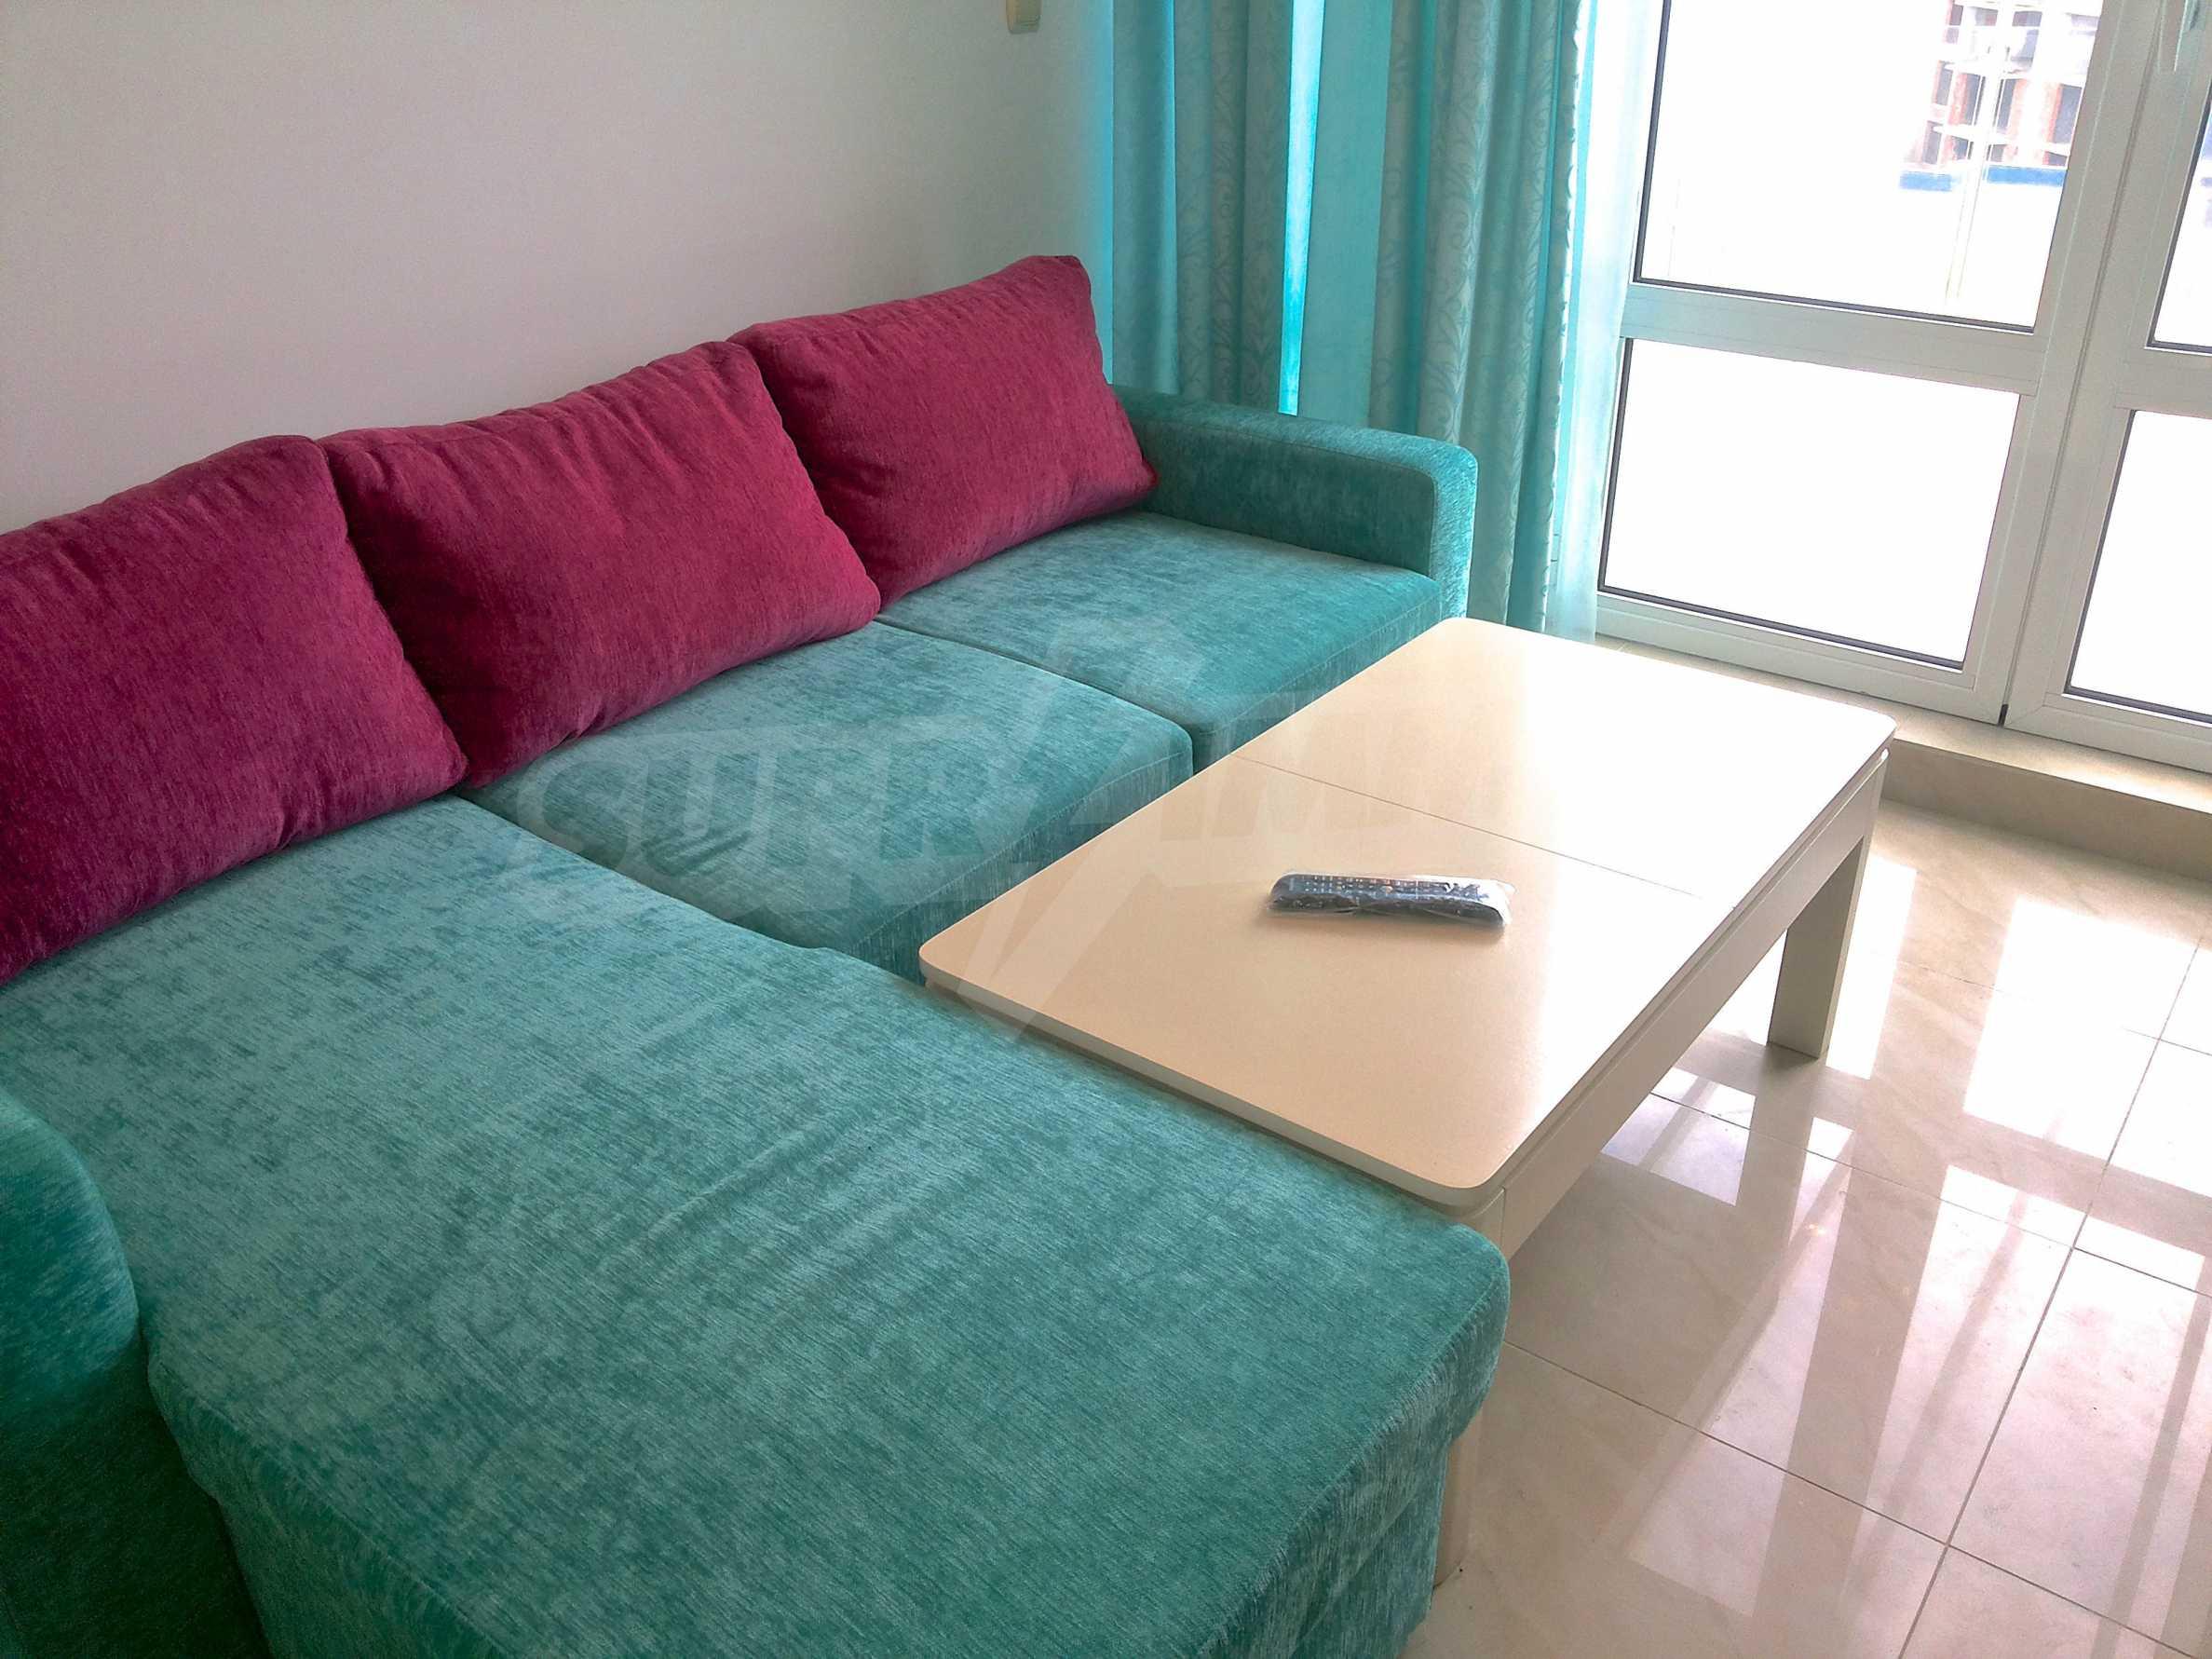 Zwei-Zimmer-Wohnung in einem Komplex 50 Meter vom Meer entfernt 3